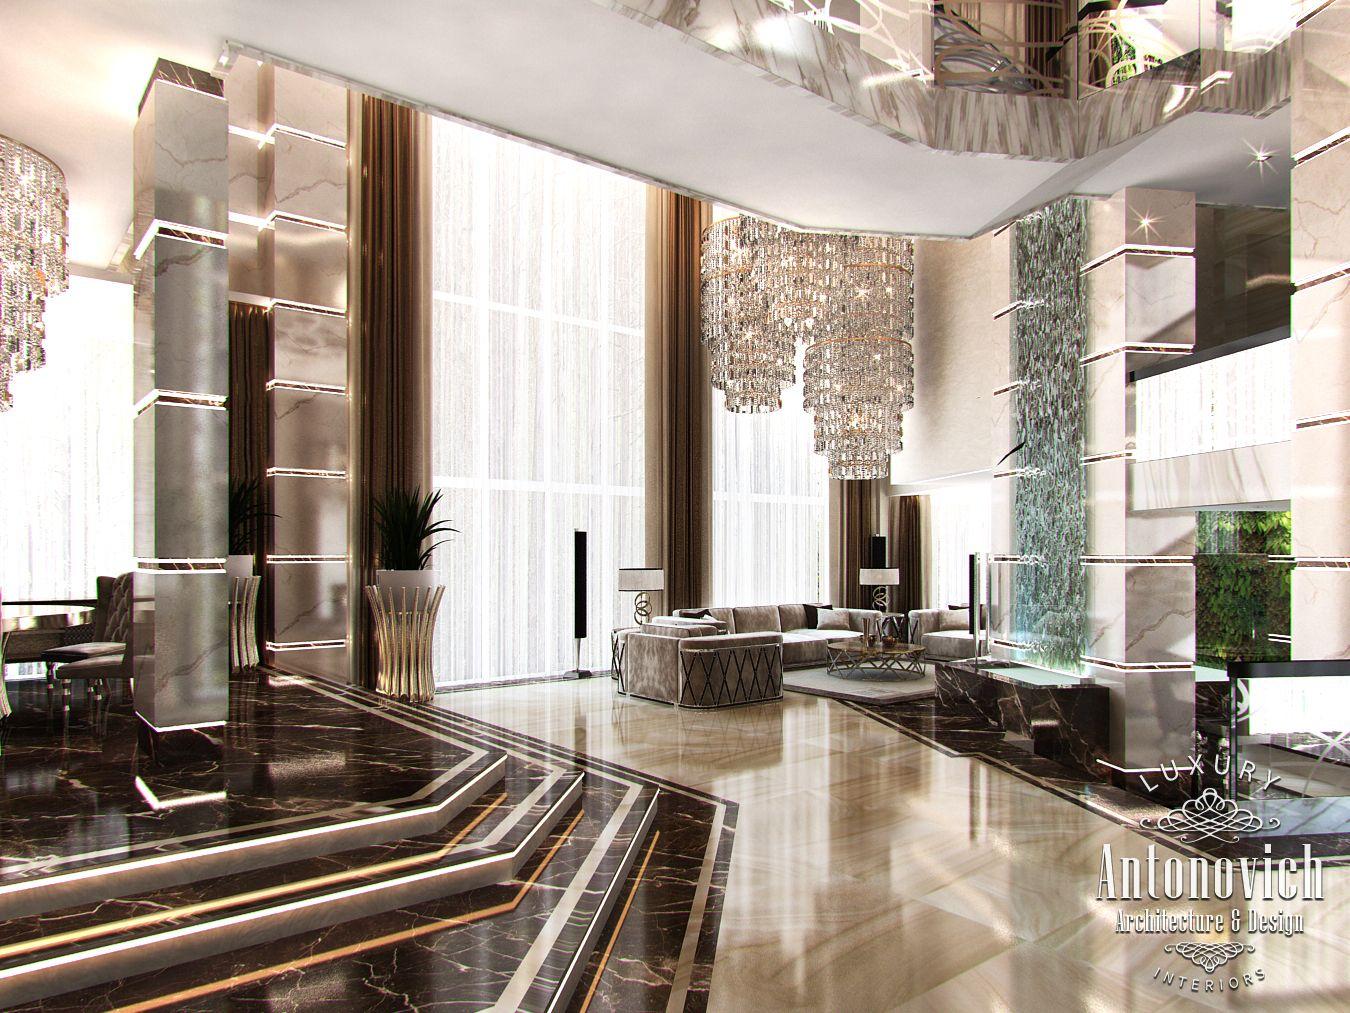 Luxury Antonovich Design Uae Villa Design In Palm Jumeirah Dubai From Luxury Antonovich Design